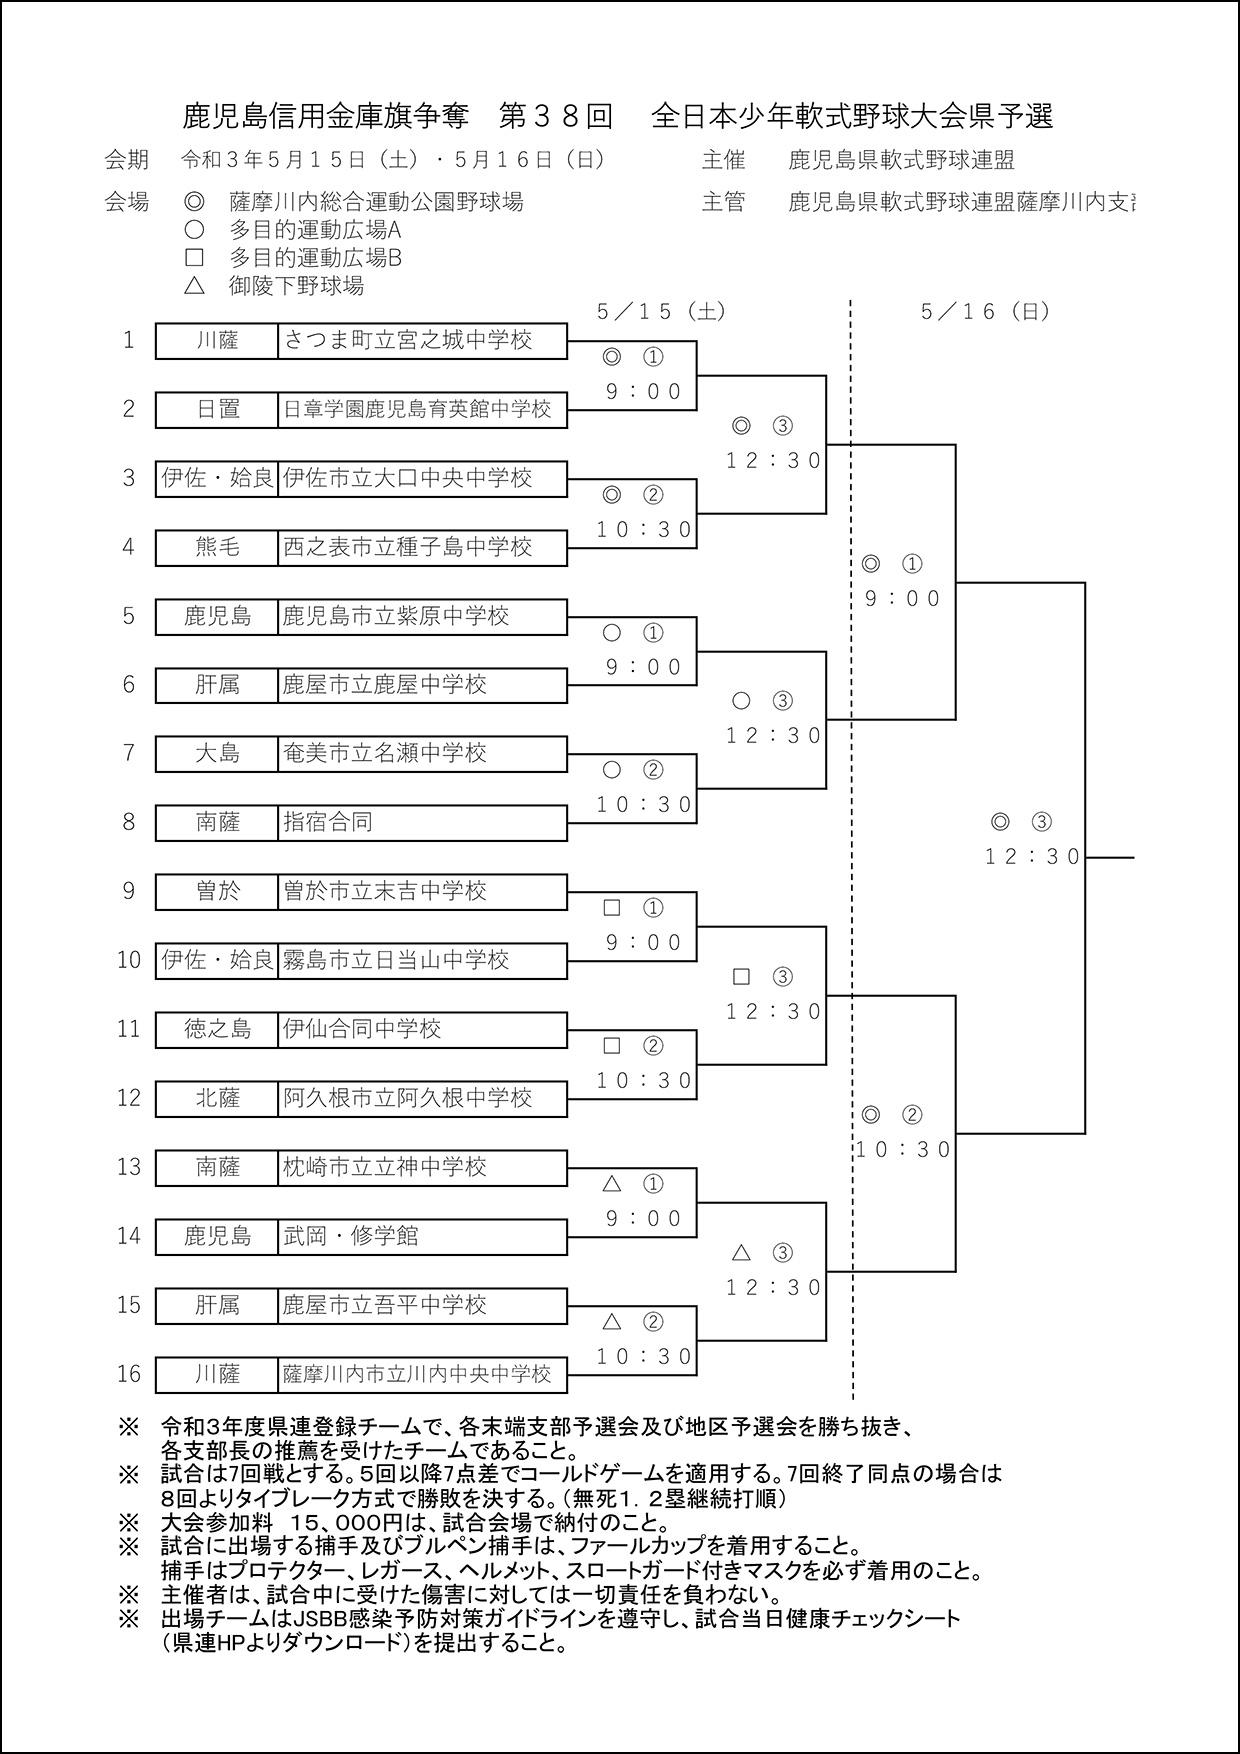 【組合せ】鹿児島信用金庫旗争奪 第38回全日本少年軟式野球大会県予選